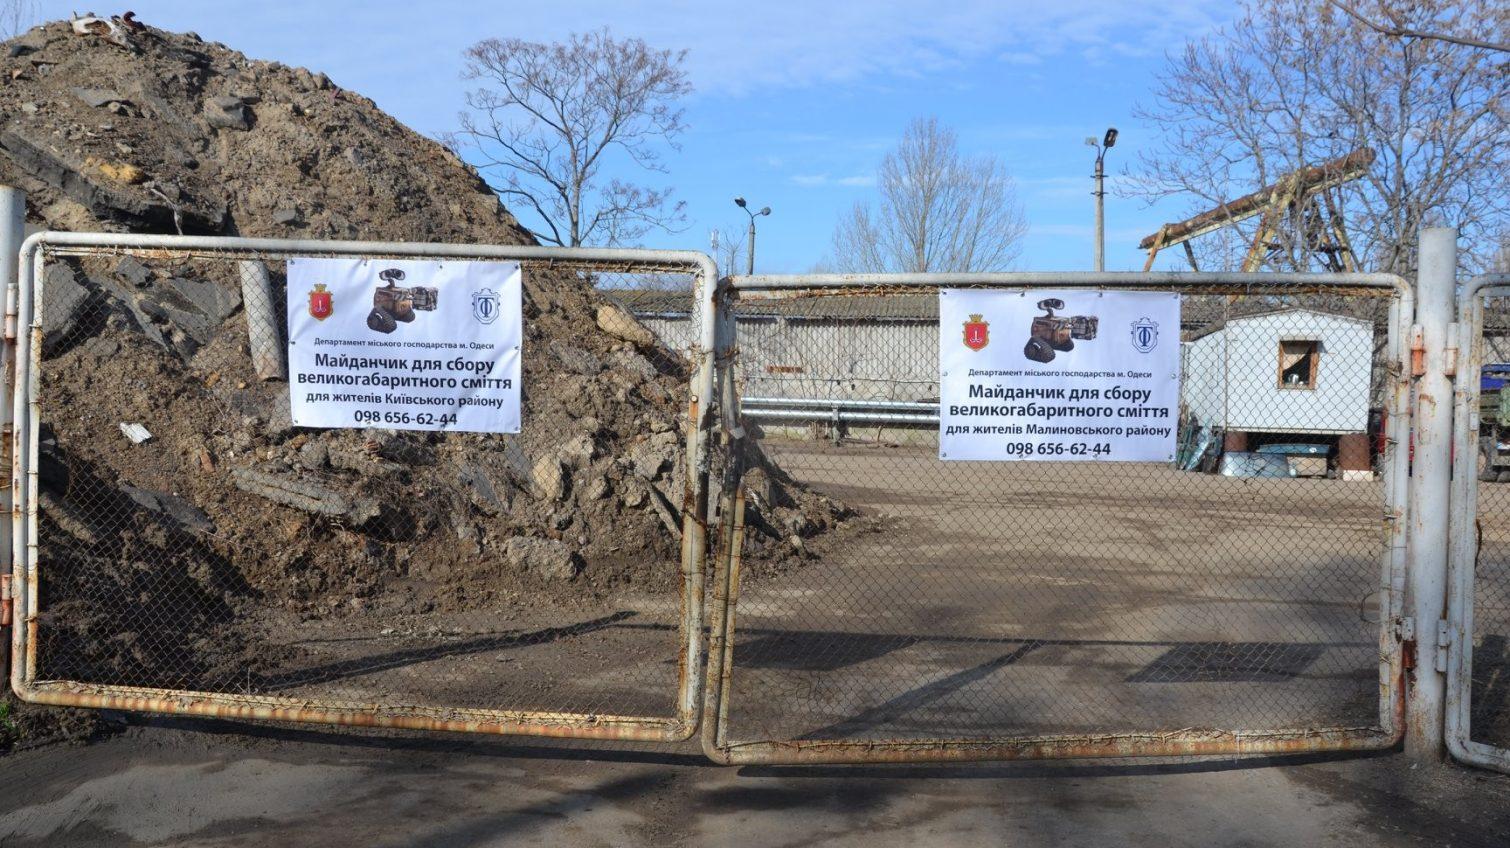 На Варненской открыли второй муниципальный пункт сбора крупногабиритного мусора (фото) «фото»